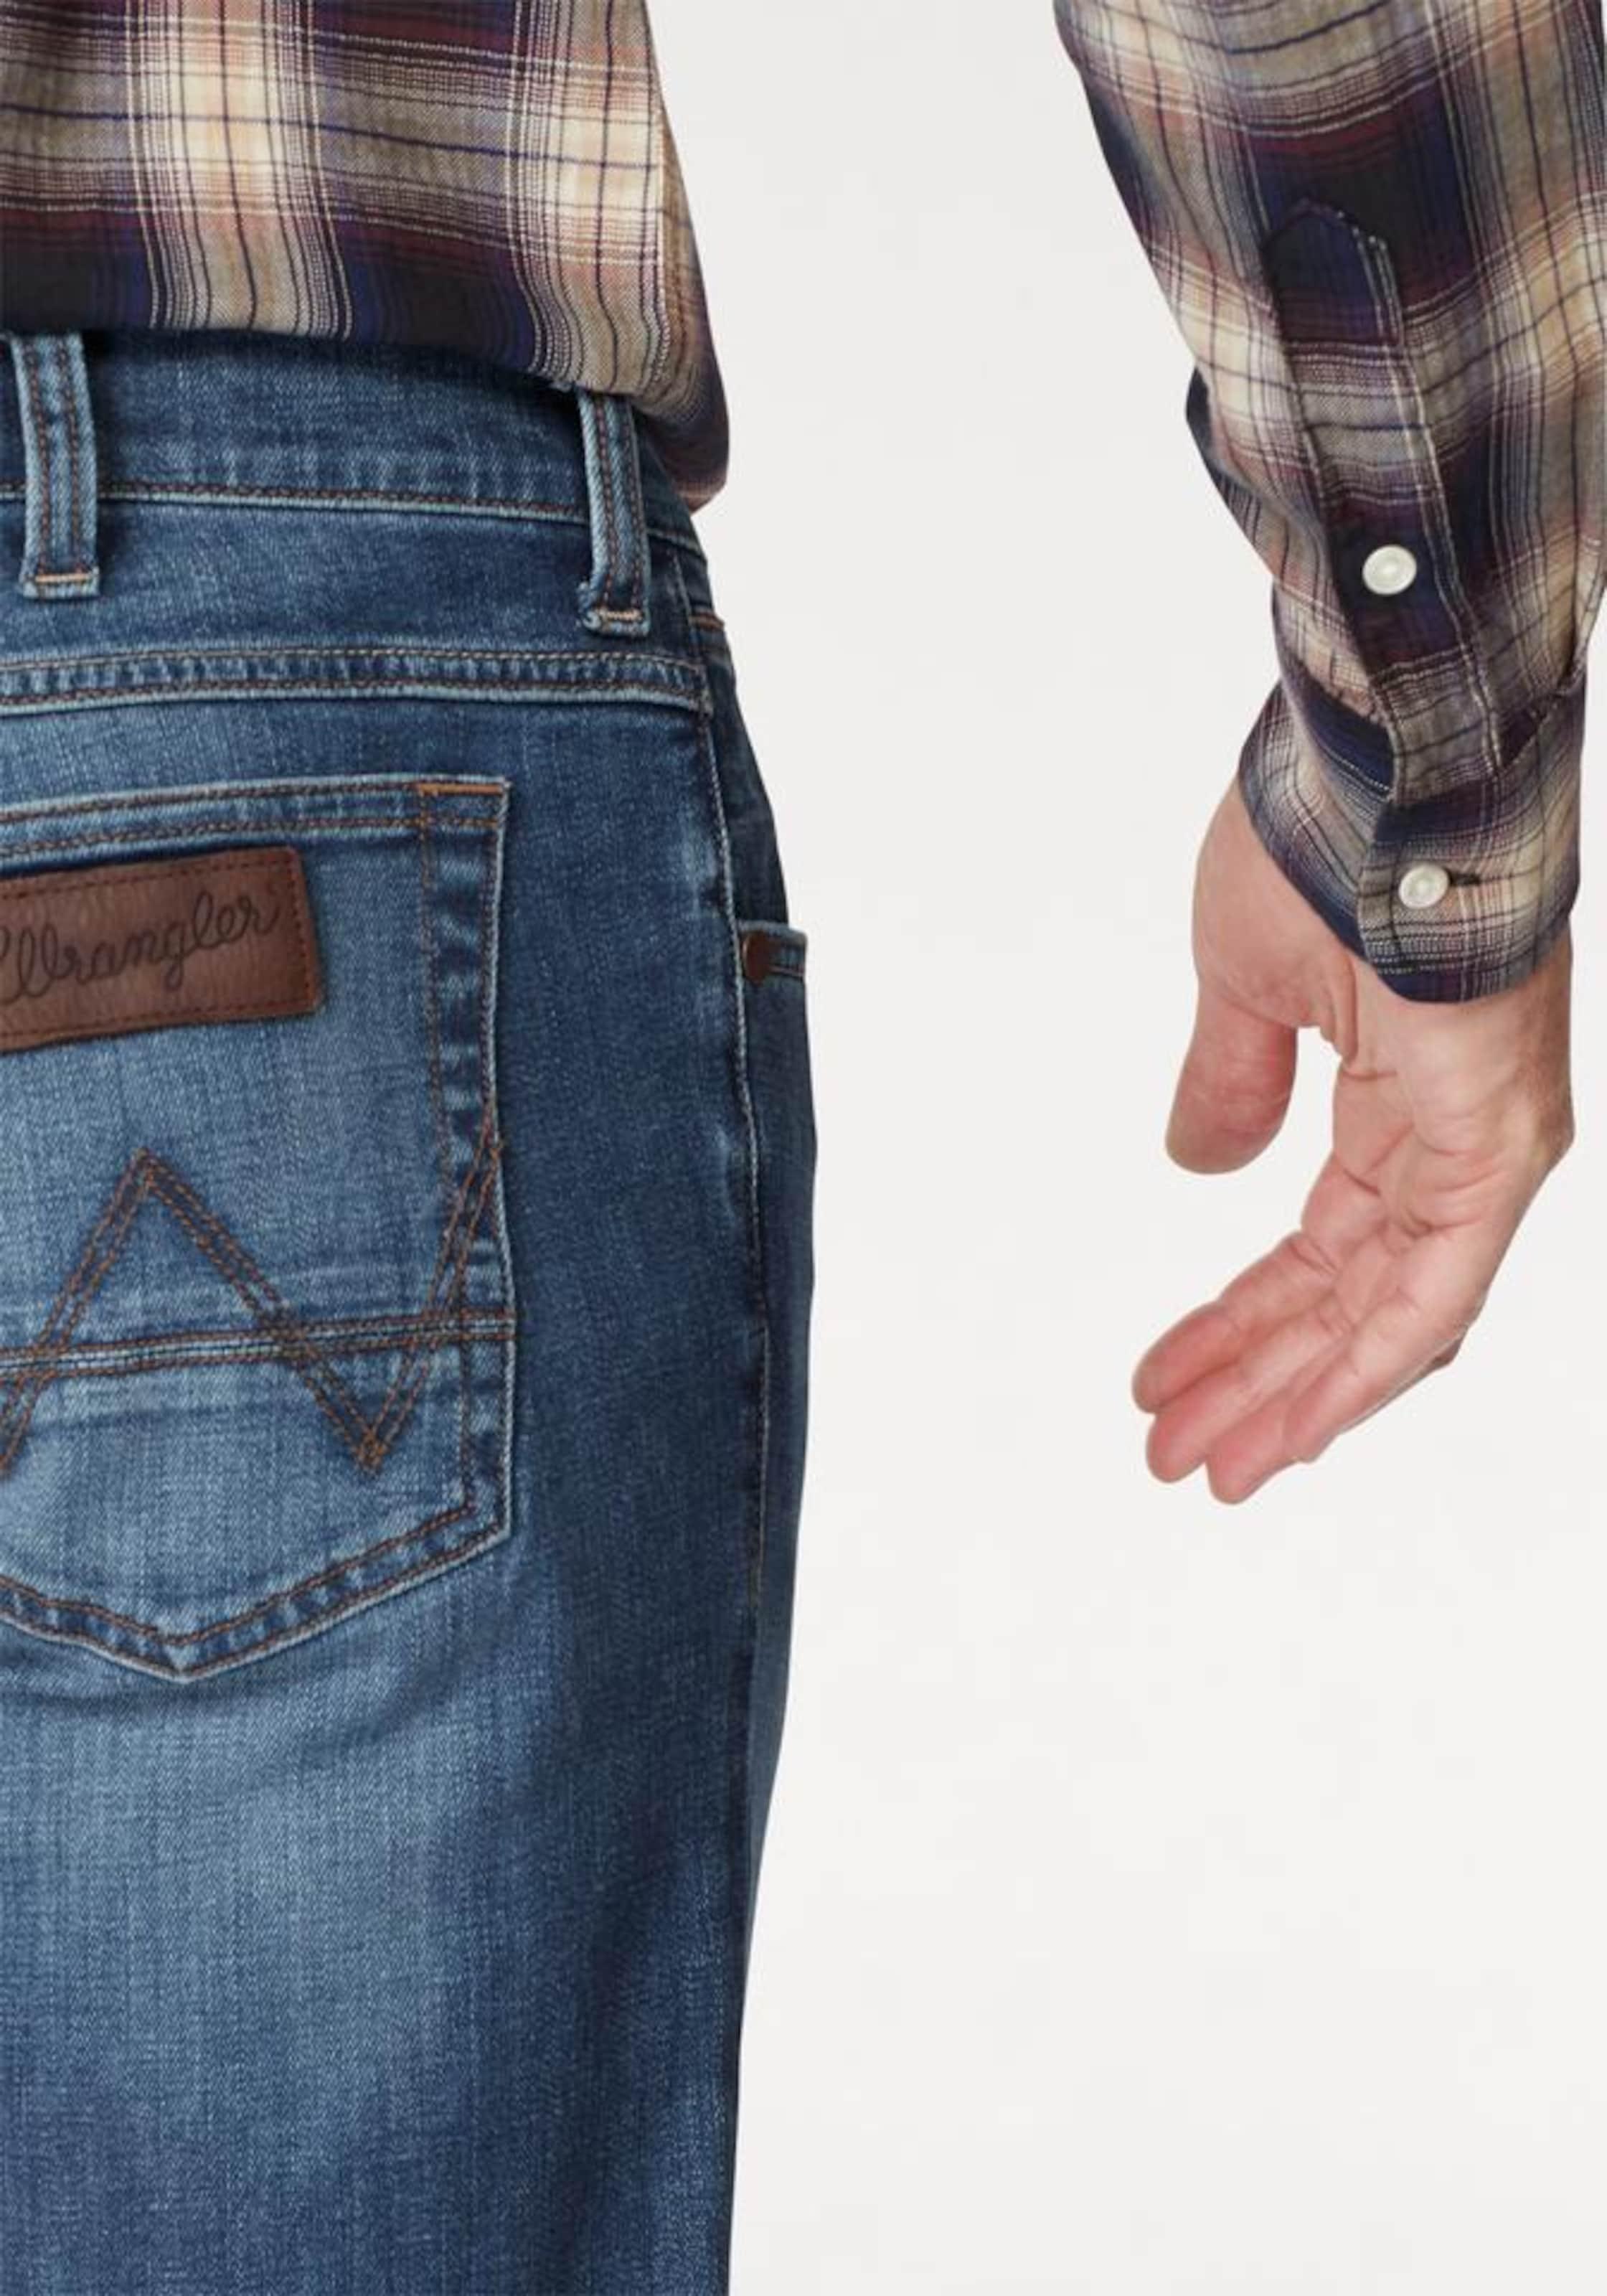 Große Auswahl An Günstigem Preis Verkauf Eastbay WRANGLER Bootcut-Jeans 'Jacksville' Online-Shop Zum Verkauf Günstig Kaufen Rabatte Footlocker Bilder Online QA3J9